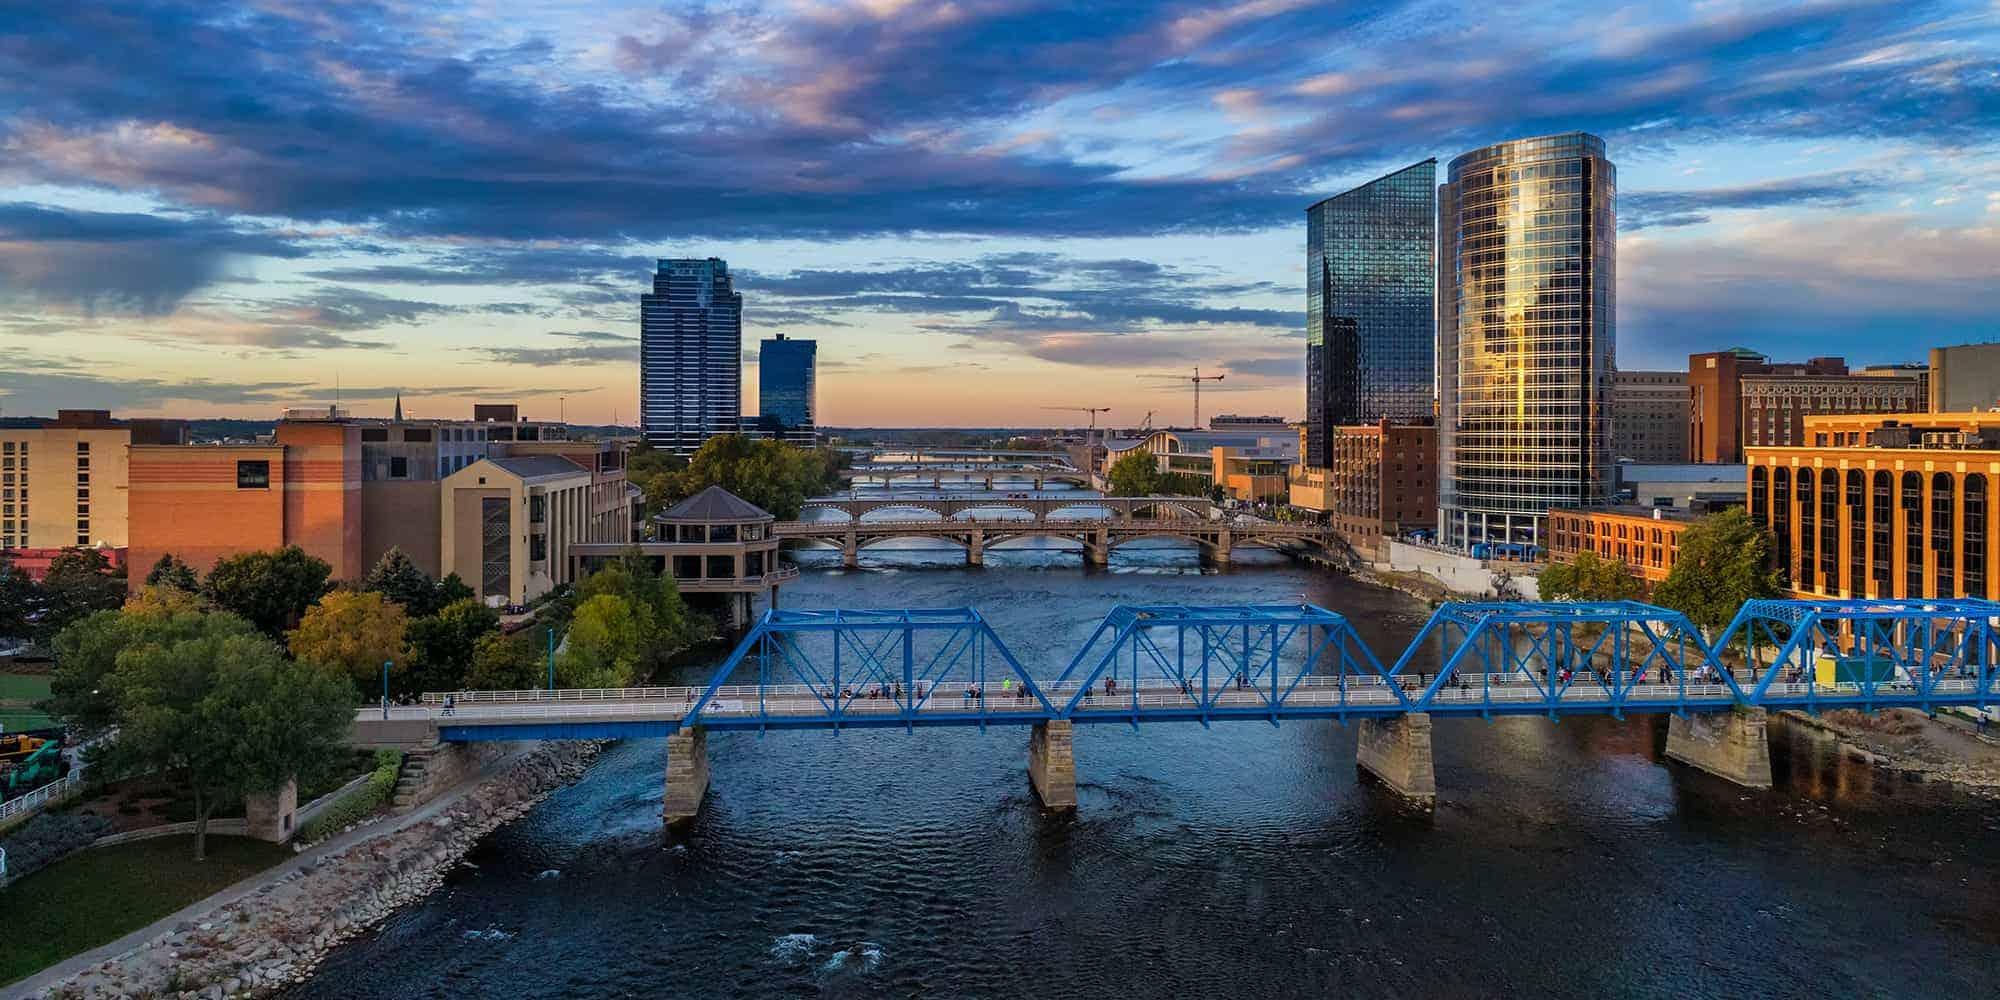 Blue Bridge over a river in Grand Rapids